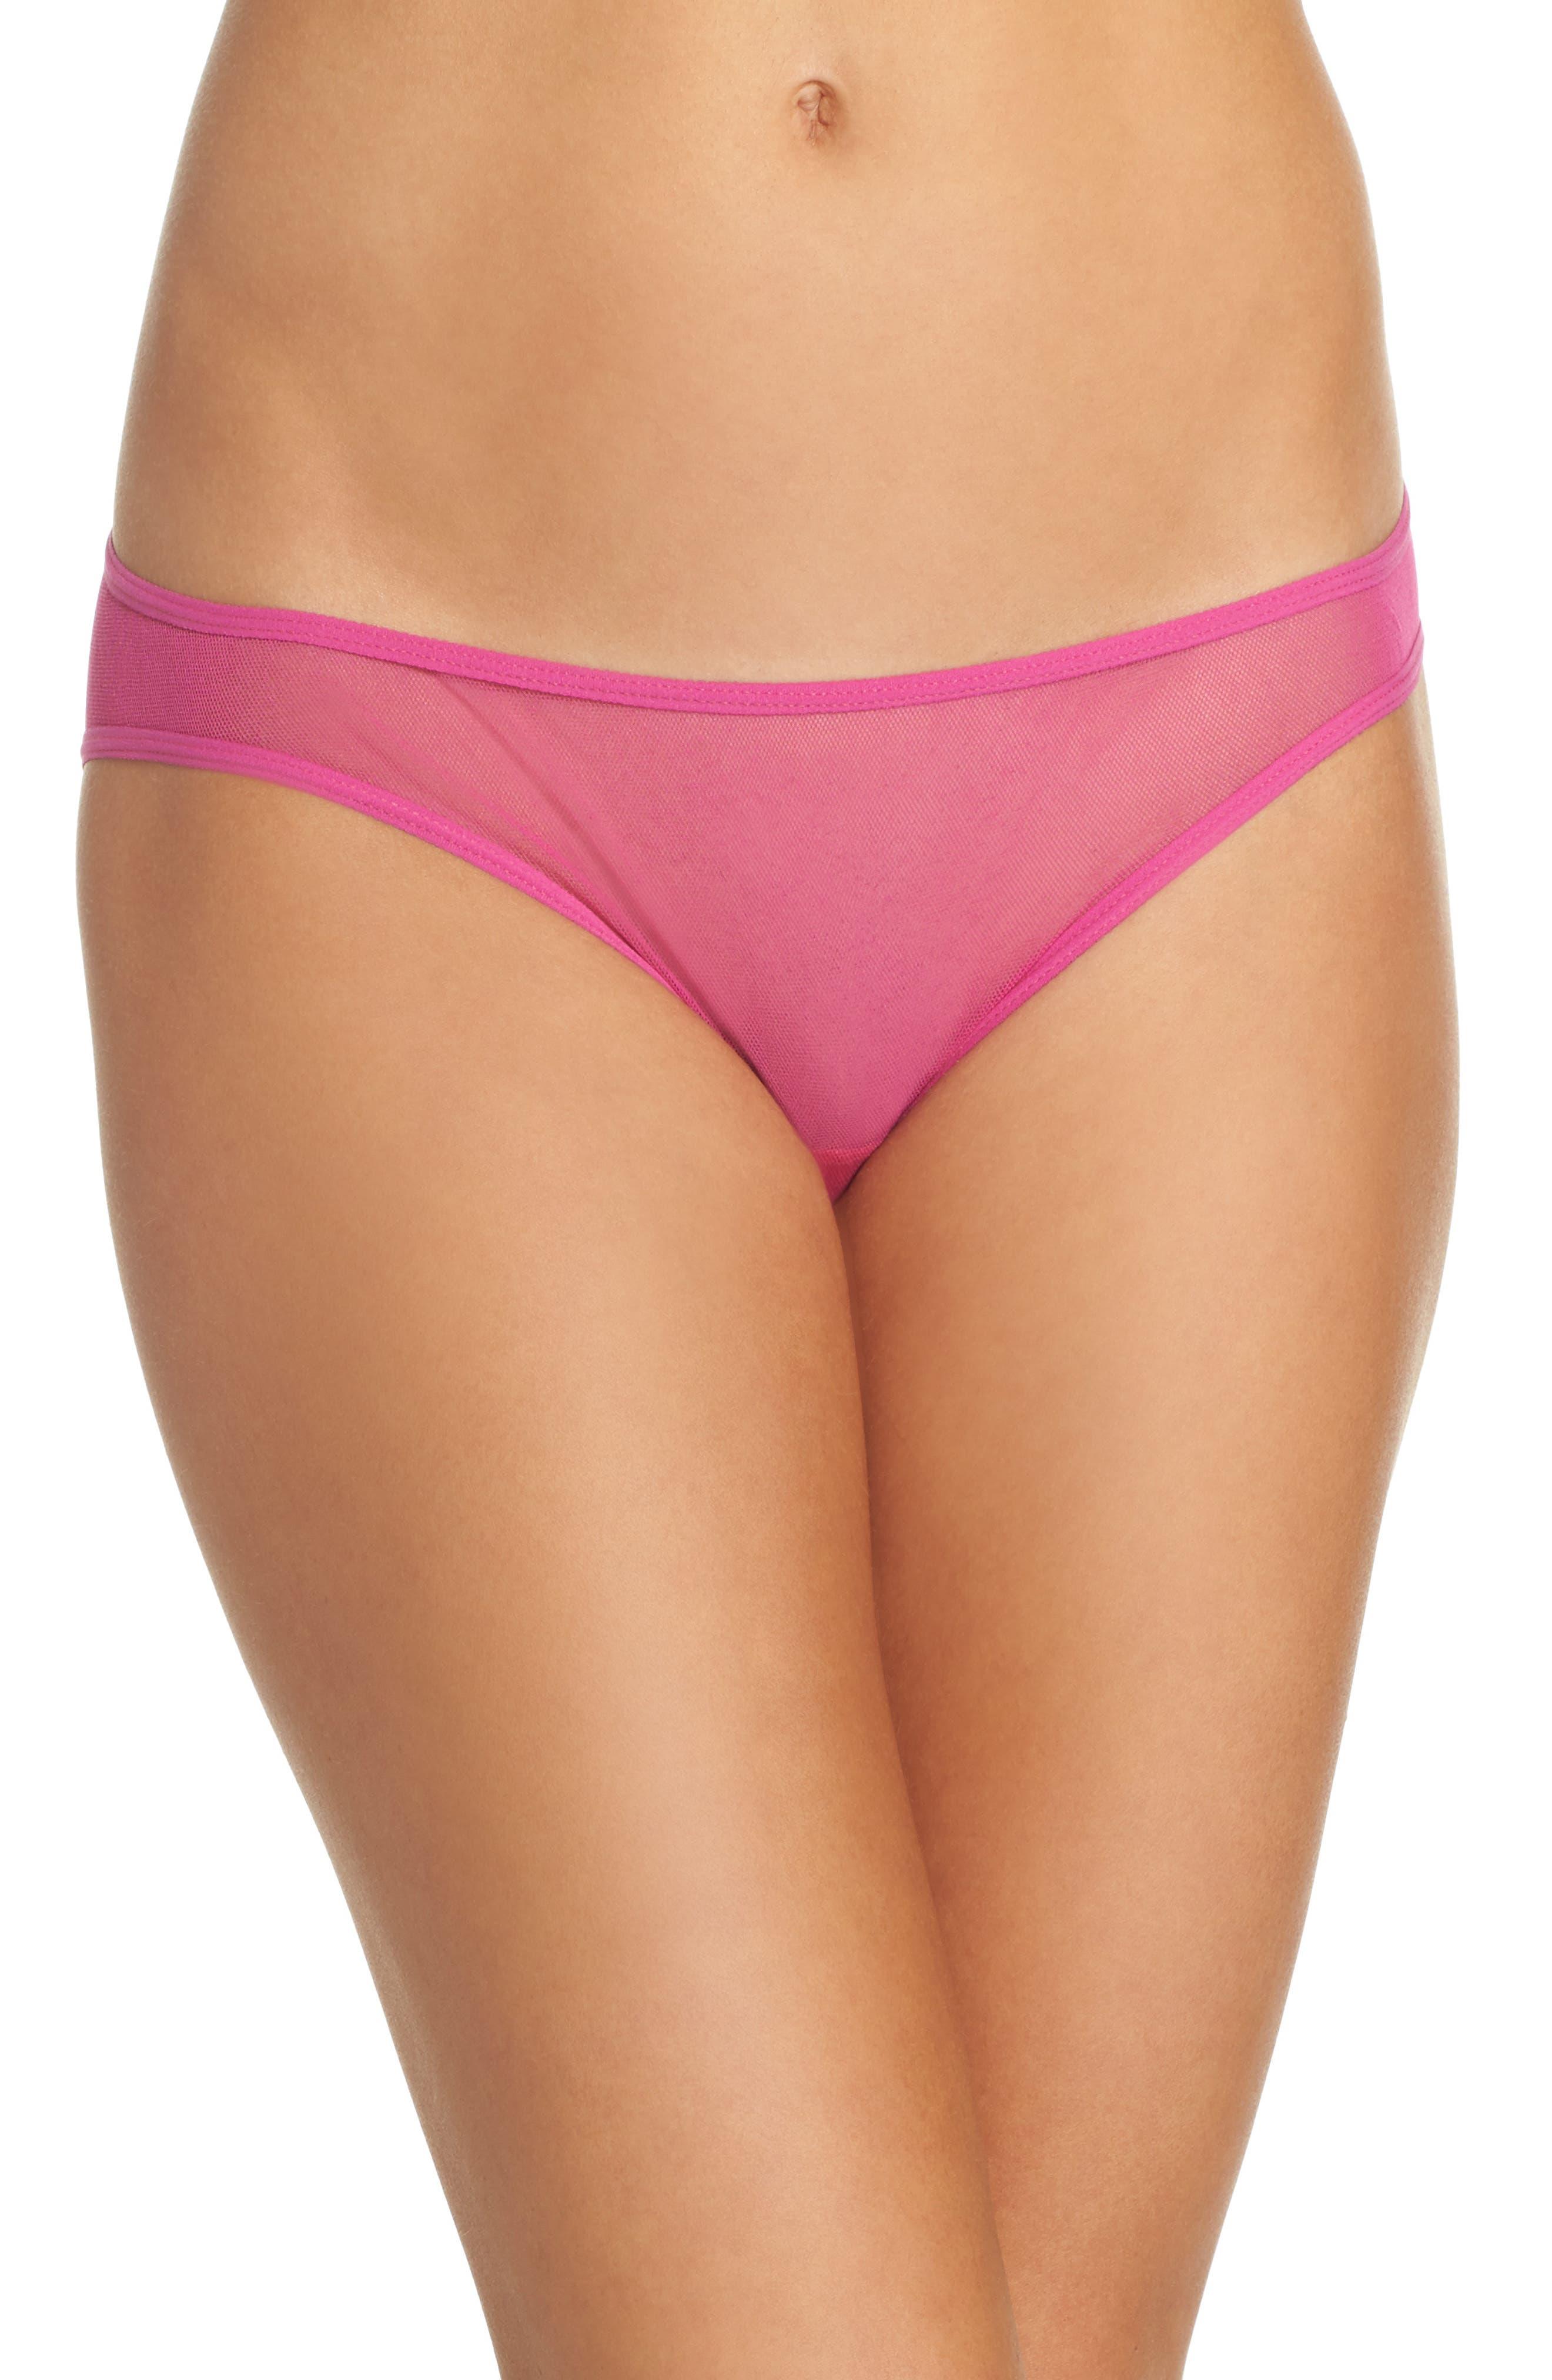 'Soire' Low Rise Bikini,                         Main,                         color, Bright Berry